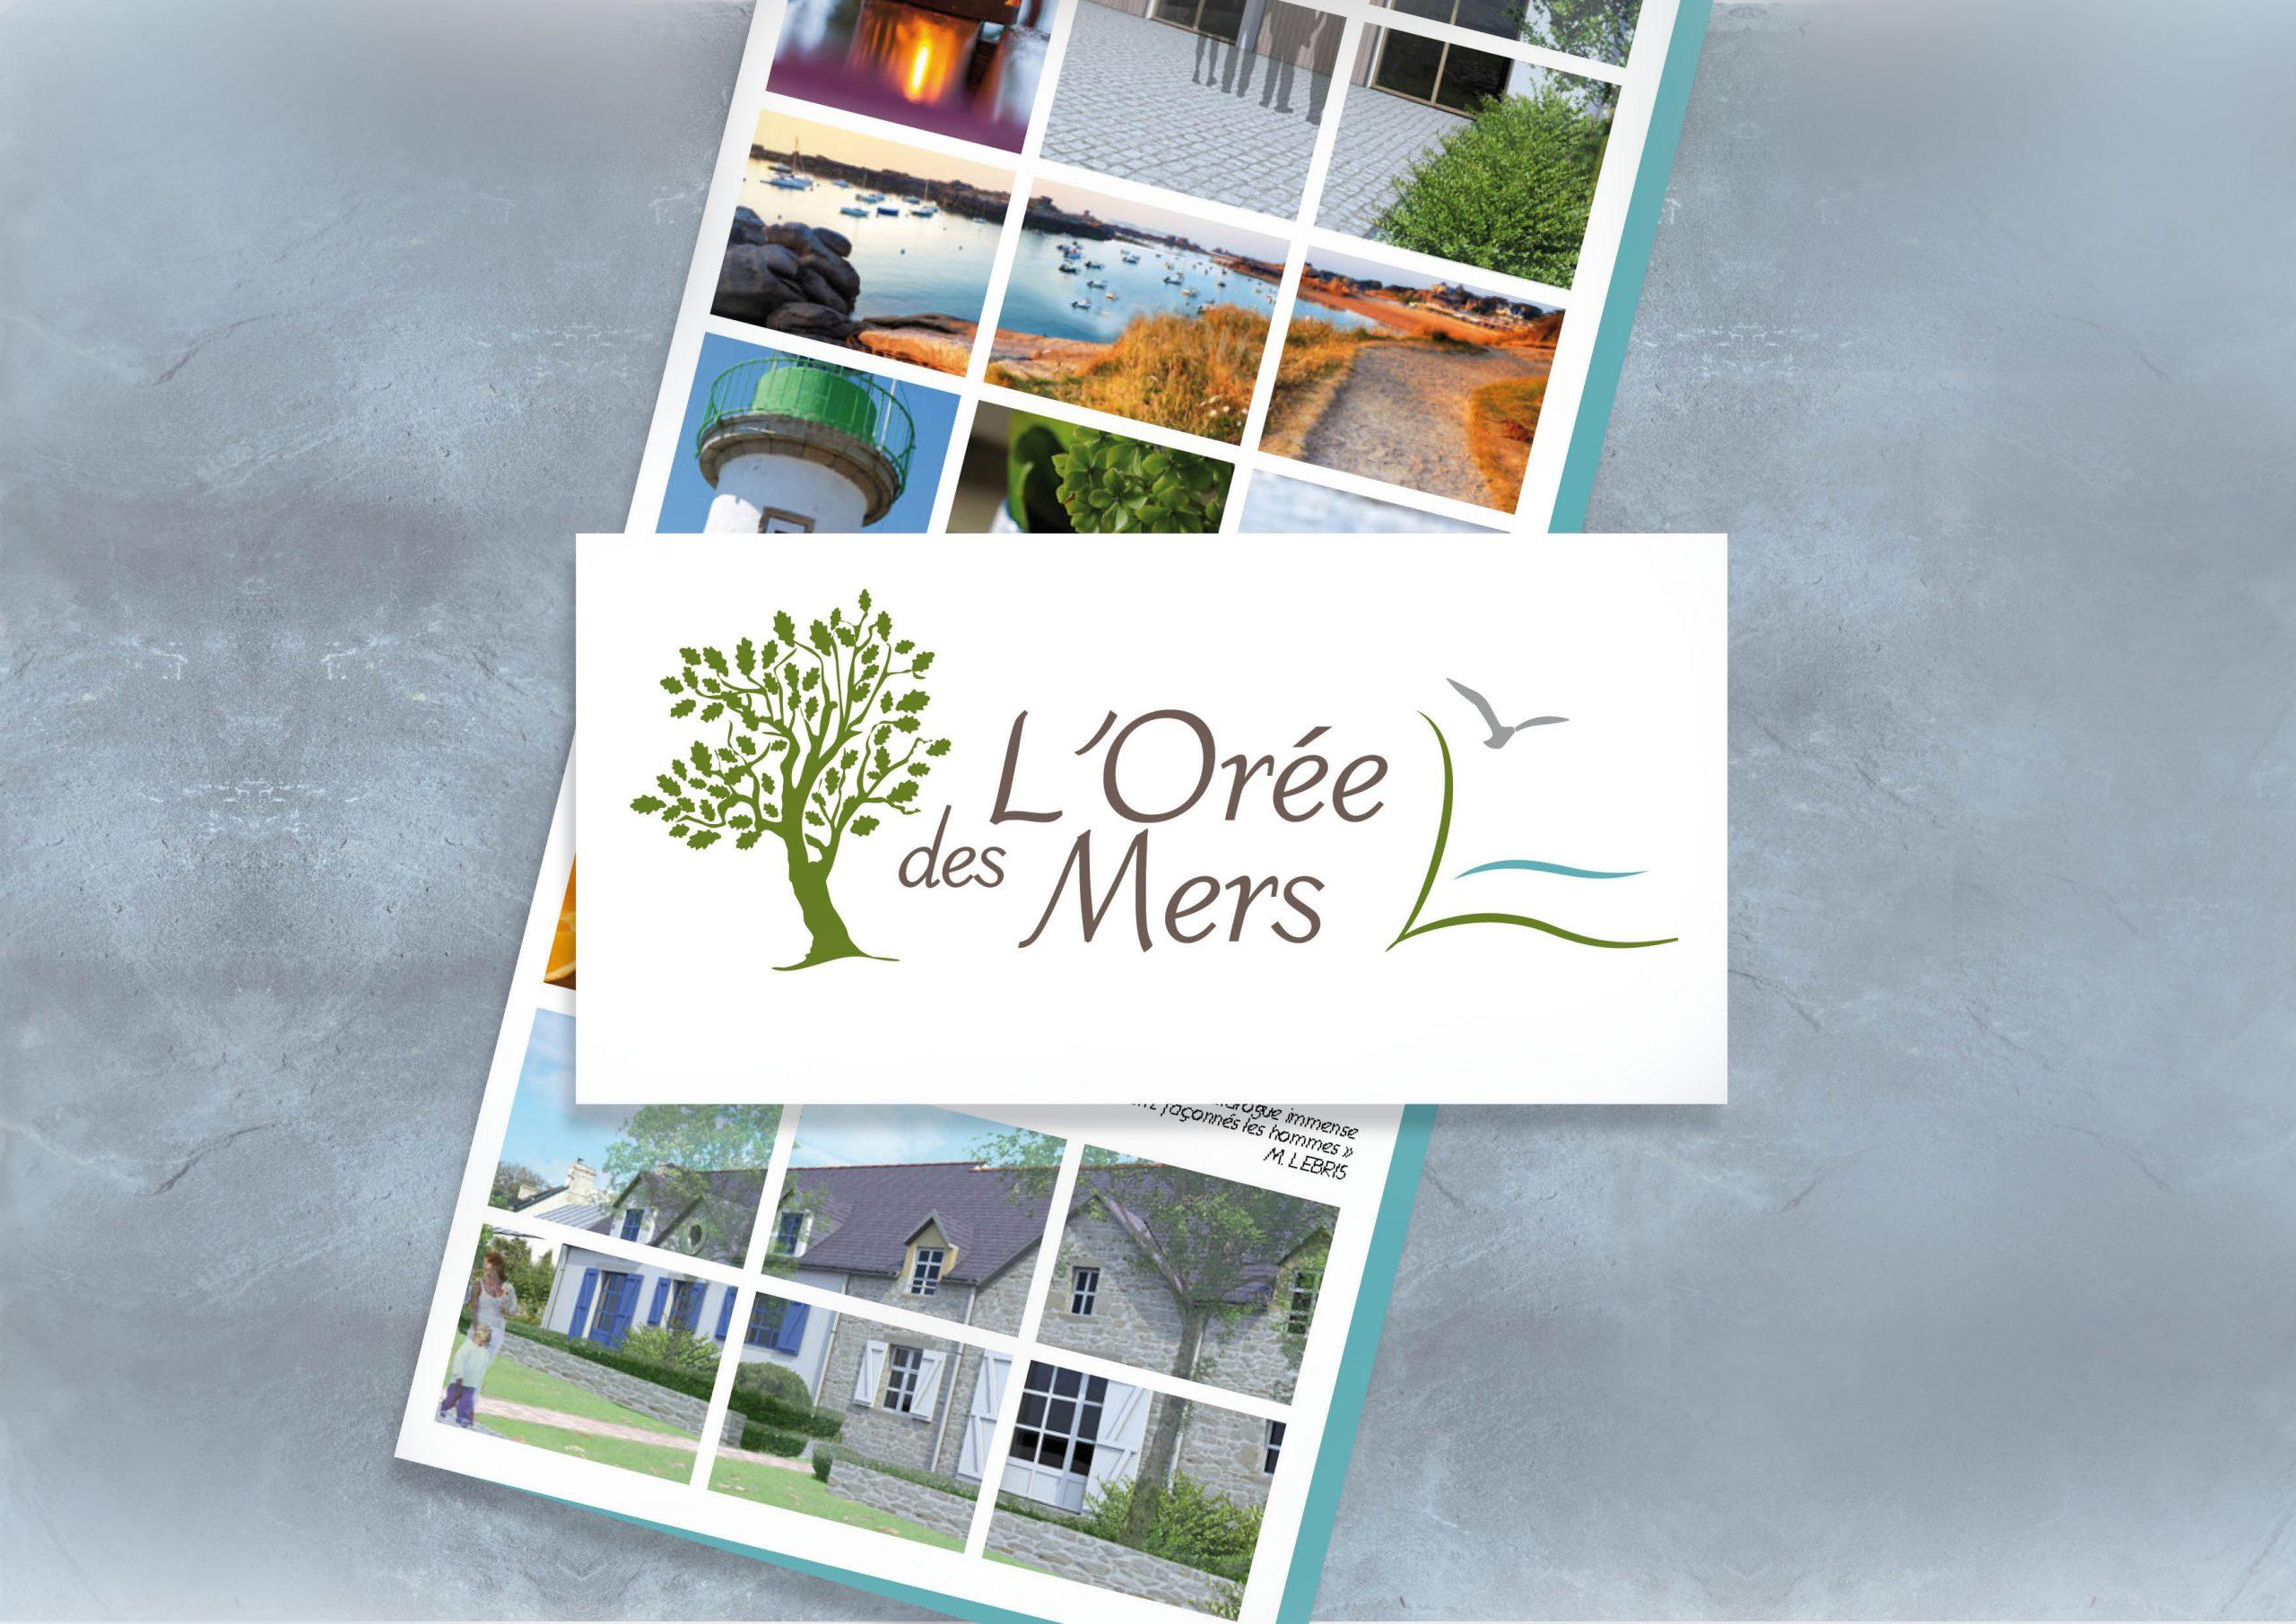 oree-des-mers-header2-e1527518553499